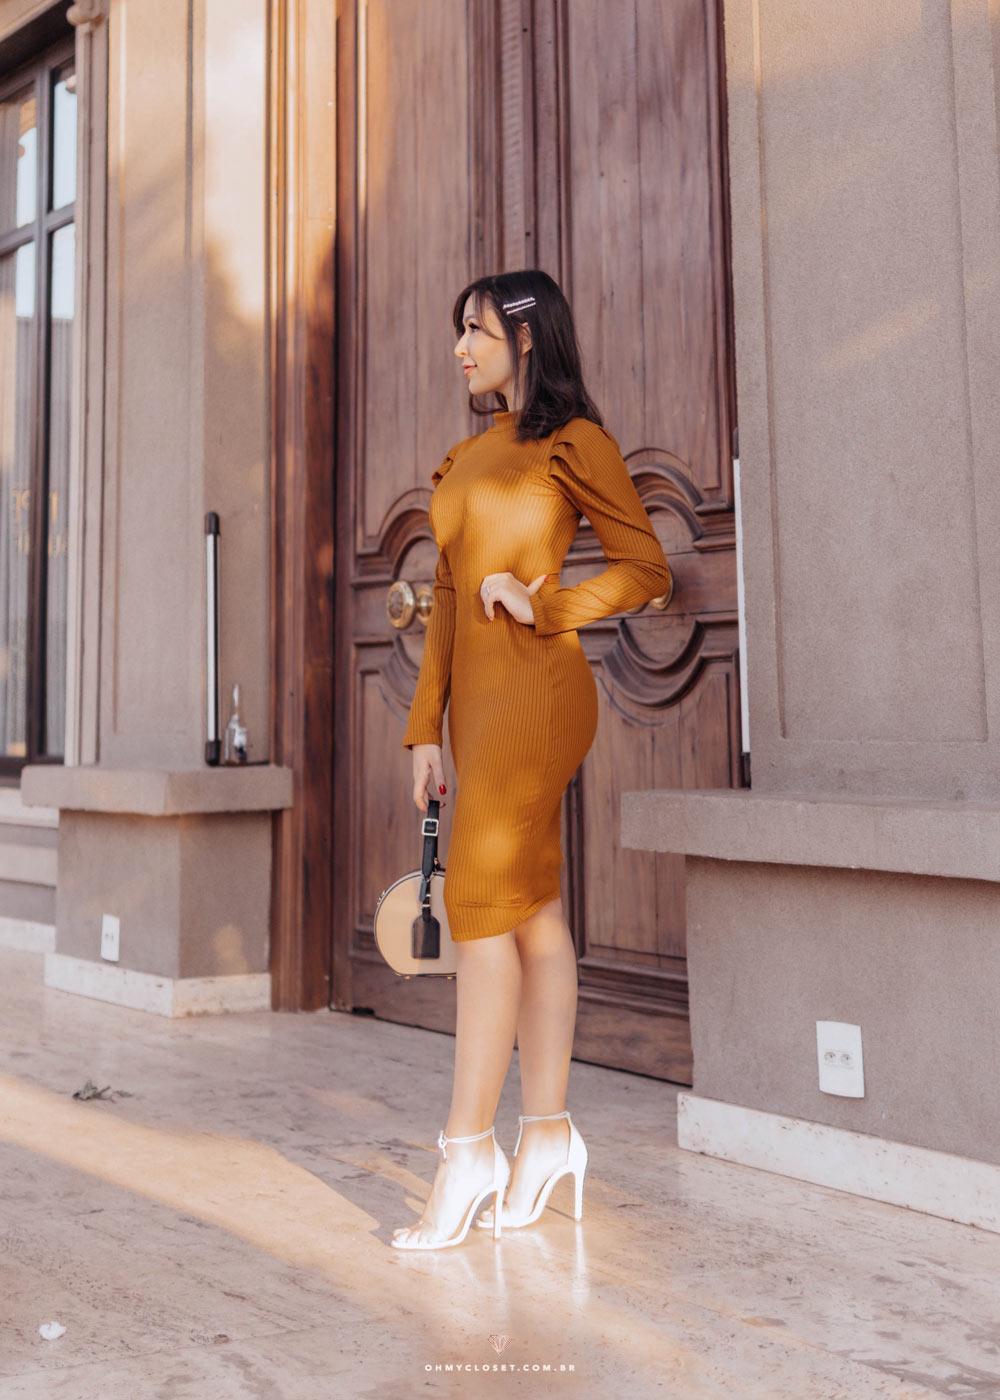 Vestido midi canelado do look Ypslon Atacado da blogueira Mônica Araújo.